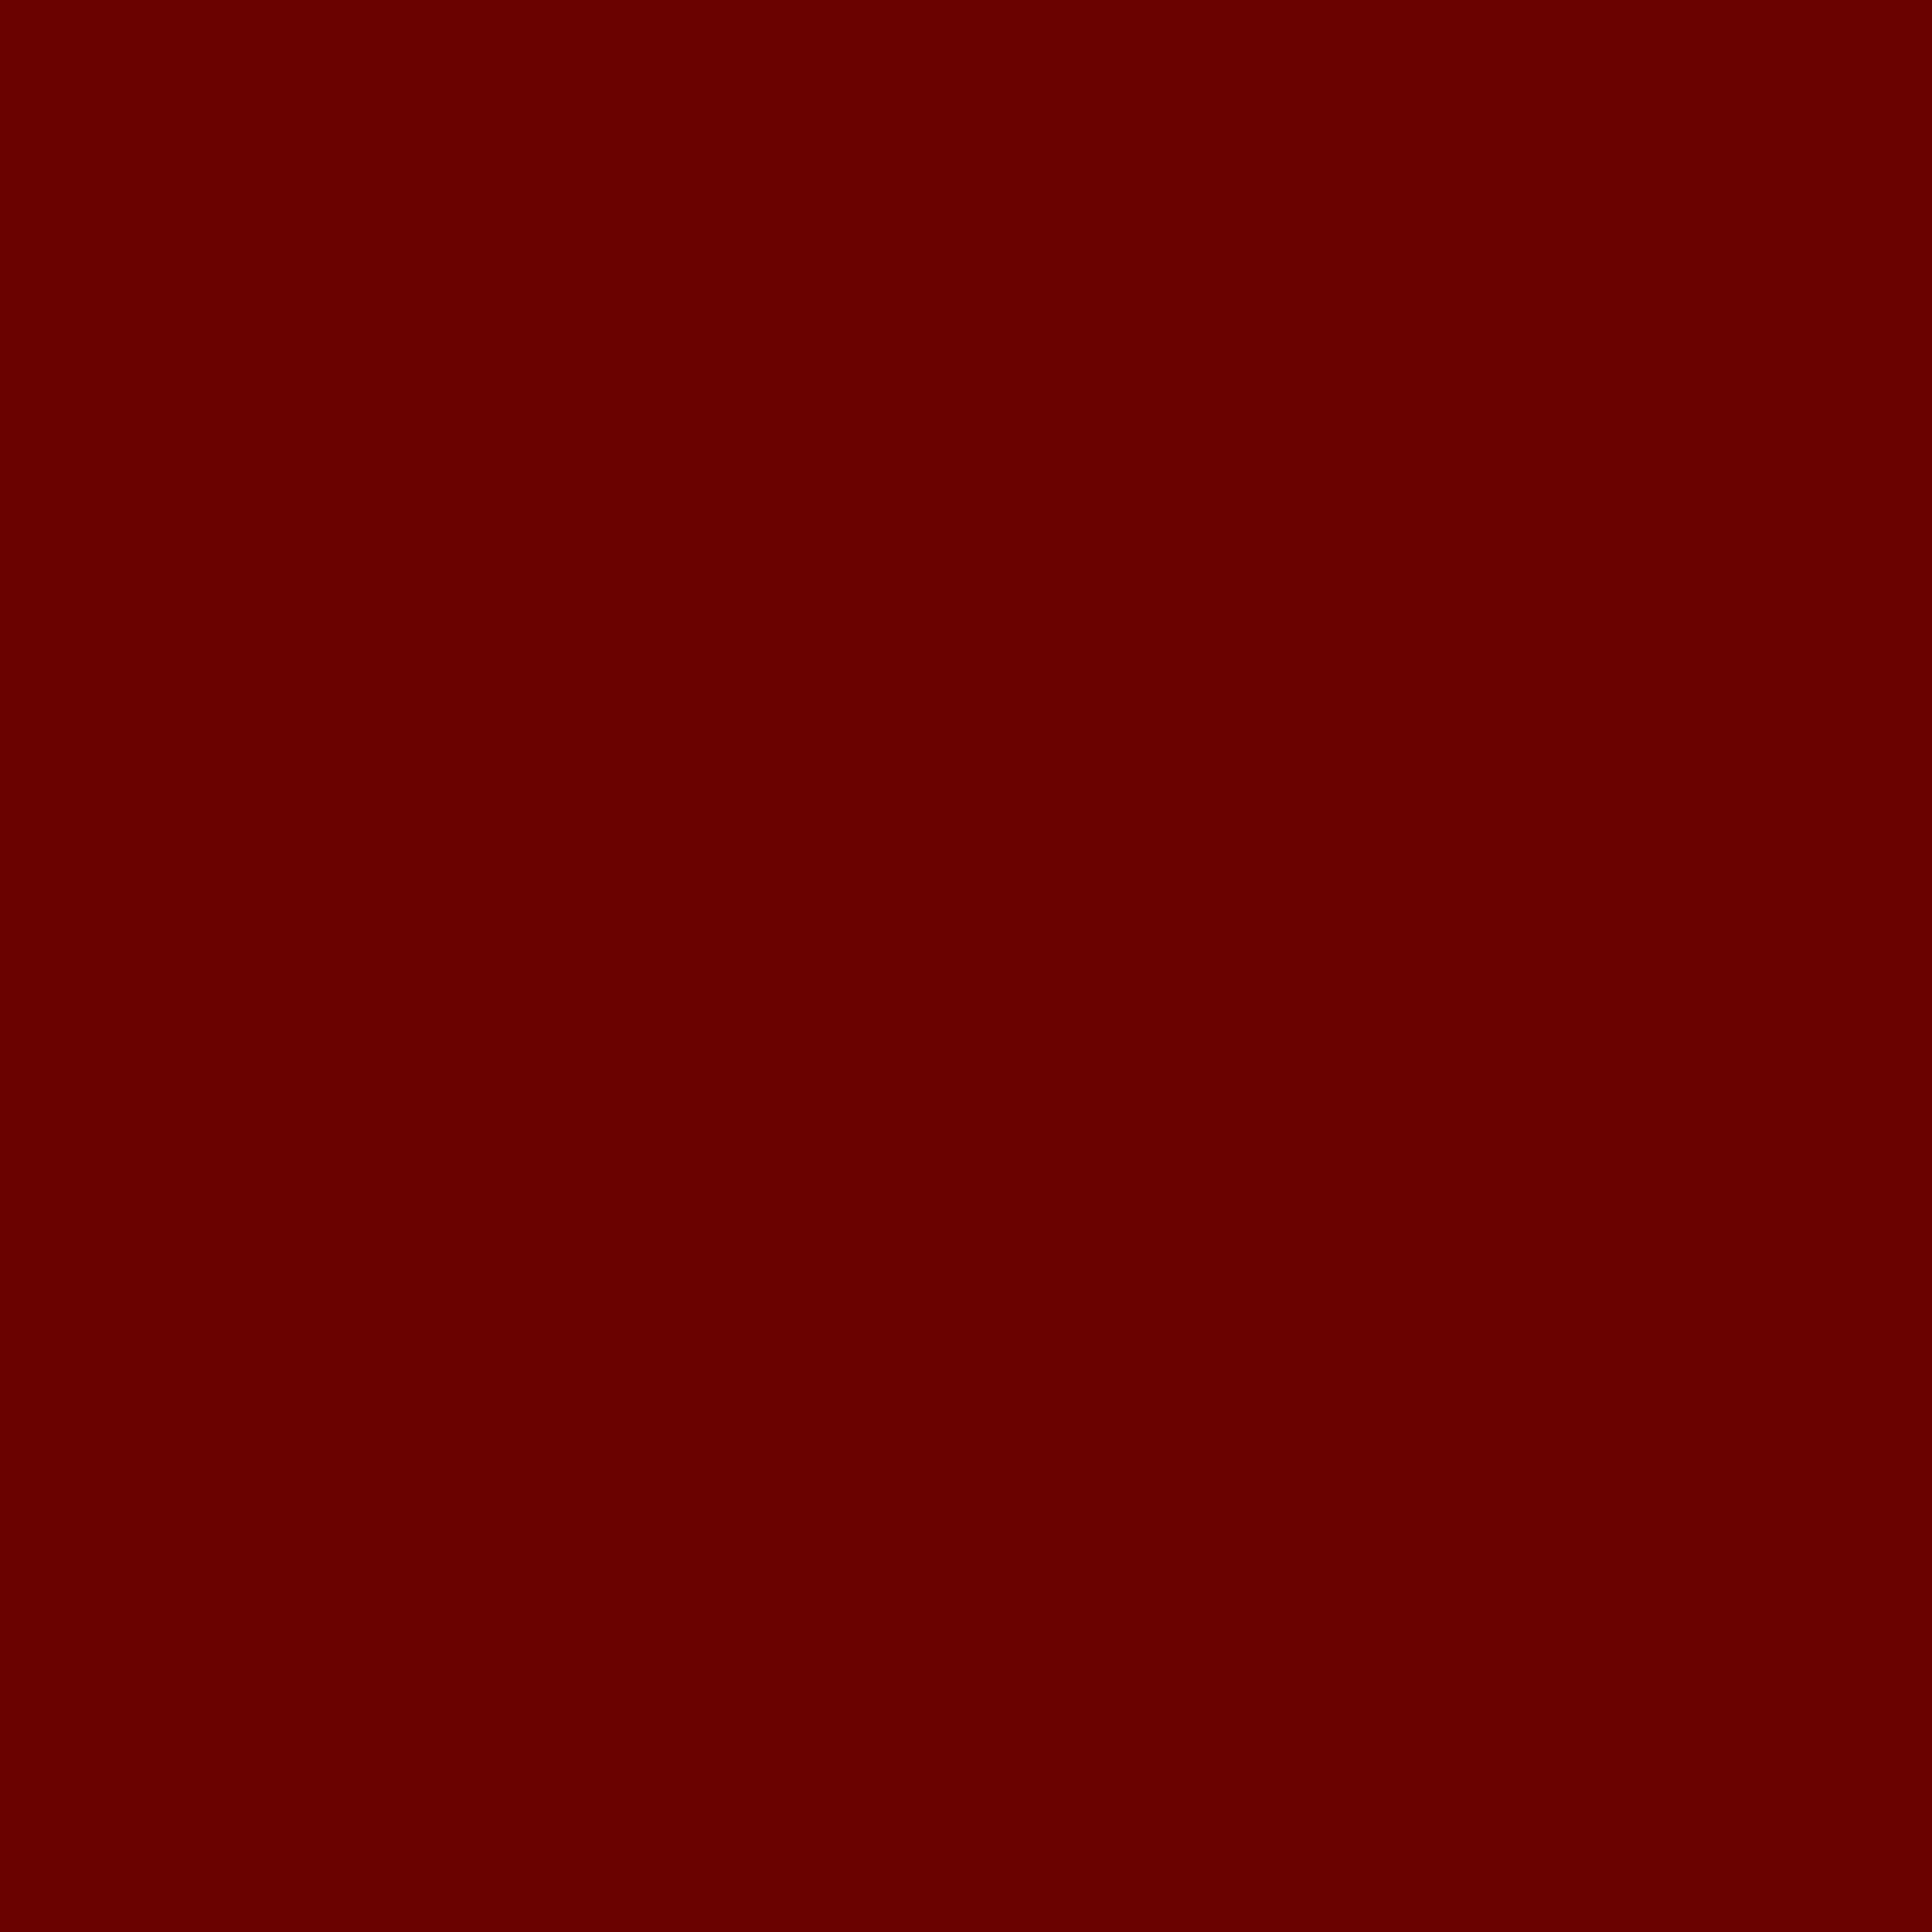 E11 RED OPAQUE